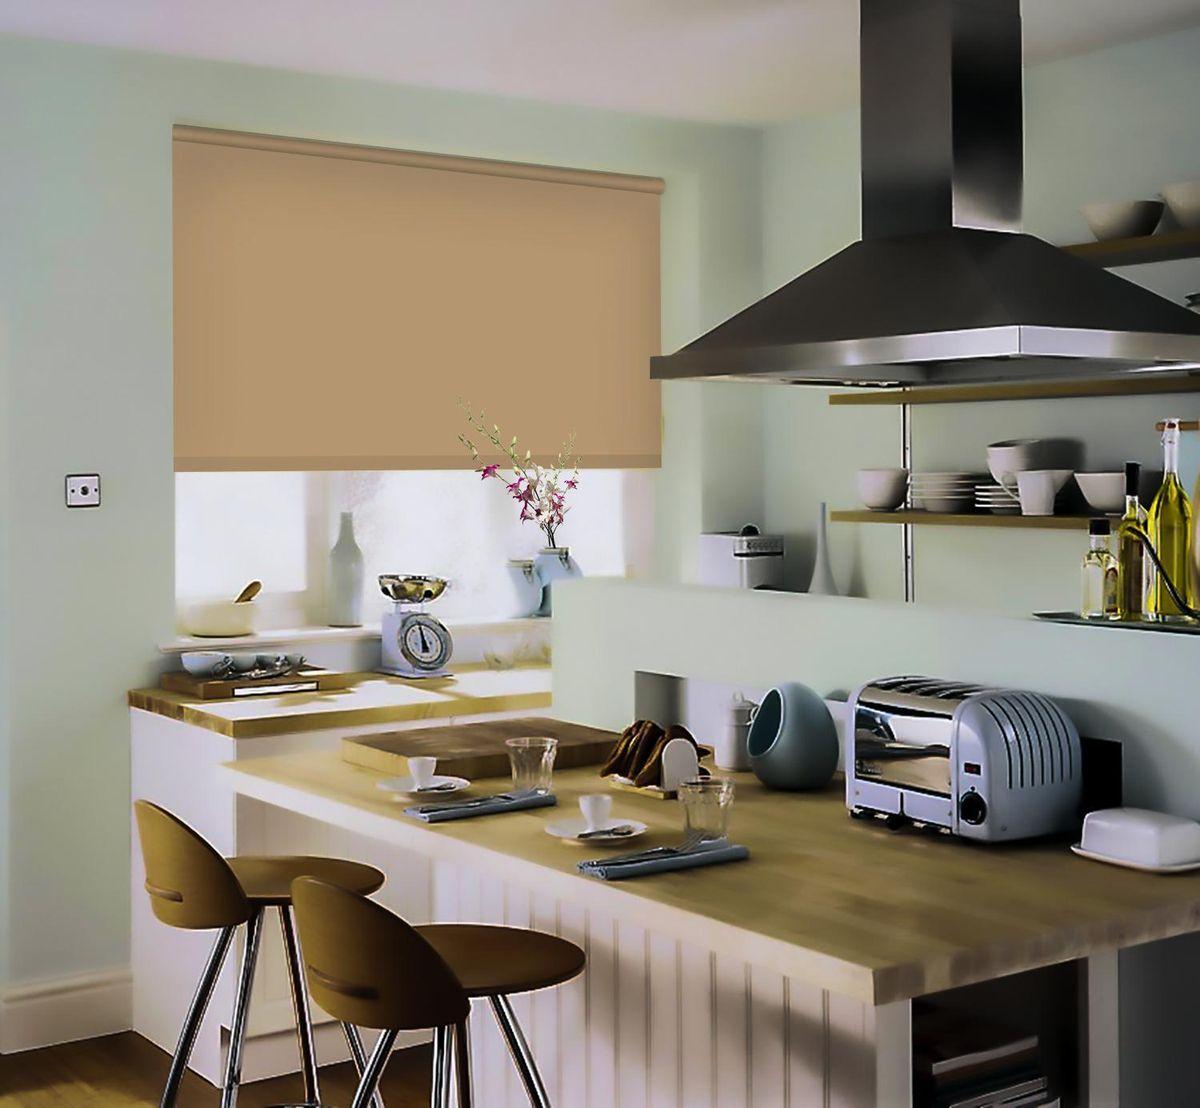 Штора рулонная Эскар, цвет: темно-бежевый, ширина 130 см, высота 170 см81209130170Рулонными шторами можно оформлять окна как самостоятельно, так и использовать в комбинации с портьерами. Это поможет предотвратить выгорание дорогой ткани на солнце и соединит функционал рулонных с красотой навесных.Преимущества применения рулонных штор для пластиковых окон:- имеют прекрасный внешний вид: многообразие и фактурность материала изделия отлично смотрятся в любом интерьере; - многофункциональны: есть возможность подобрать шторы способные эффективно защитить комнату от солнца, при этом о на не будет слишком темной. - Есть возможность осуществить быстрый монтаж. ВНИМАНИЕ! Размеры ширины изделия указаны по ширине ткани!Во время эксплуатации не рекомендуется полностью разматывать рулон, чтобы не оторвать ткань от намоточного вала.В случае загрязнения поверхности ткани, чистку шторы проводят одним из способов, в зависимости от типа загрязнения: легкое поверхностное загрязнение можно удалить при помощи канцелярского ластика; чистка от пыли производится сухим методом при помощи пылесоса с мягкой щеткой-насадкой; для удаления пятна используйте мягкую губку с пенообразующим неагрессивным моющим средством или пятновыводитель на натуральной основе (нельзя применять растворители).